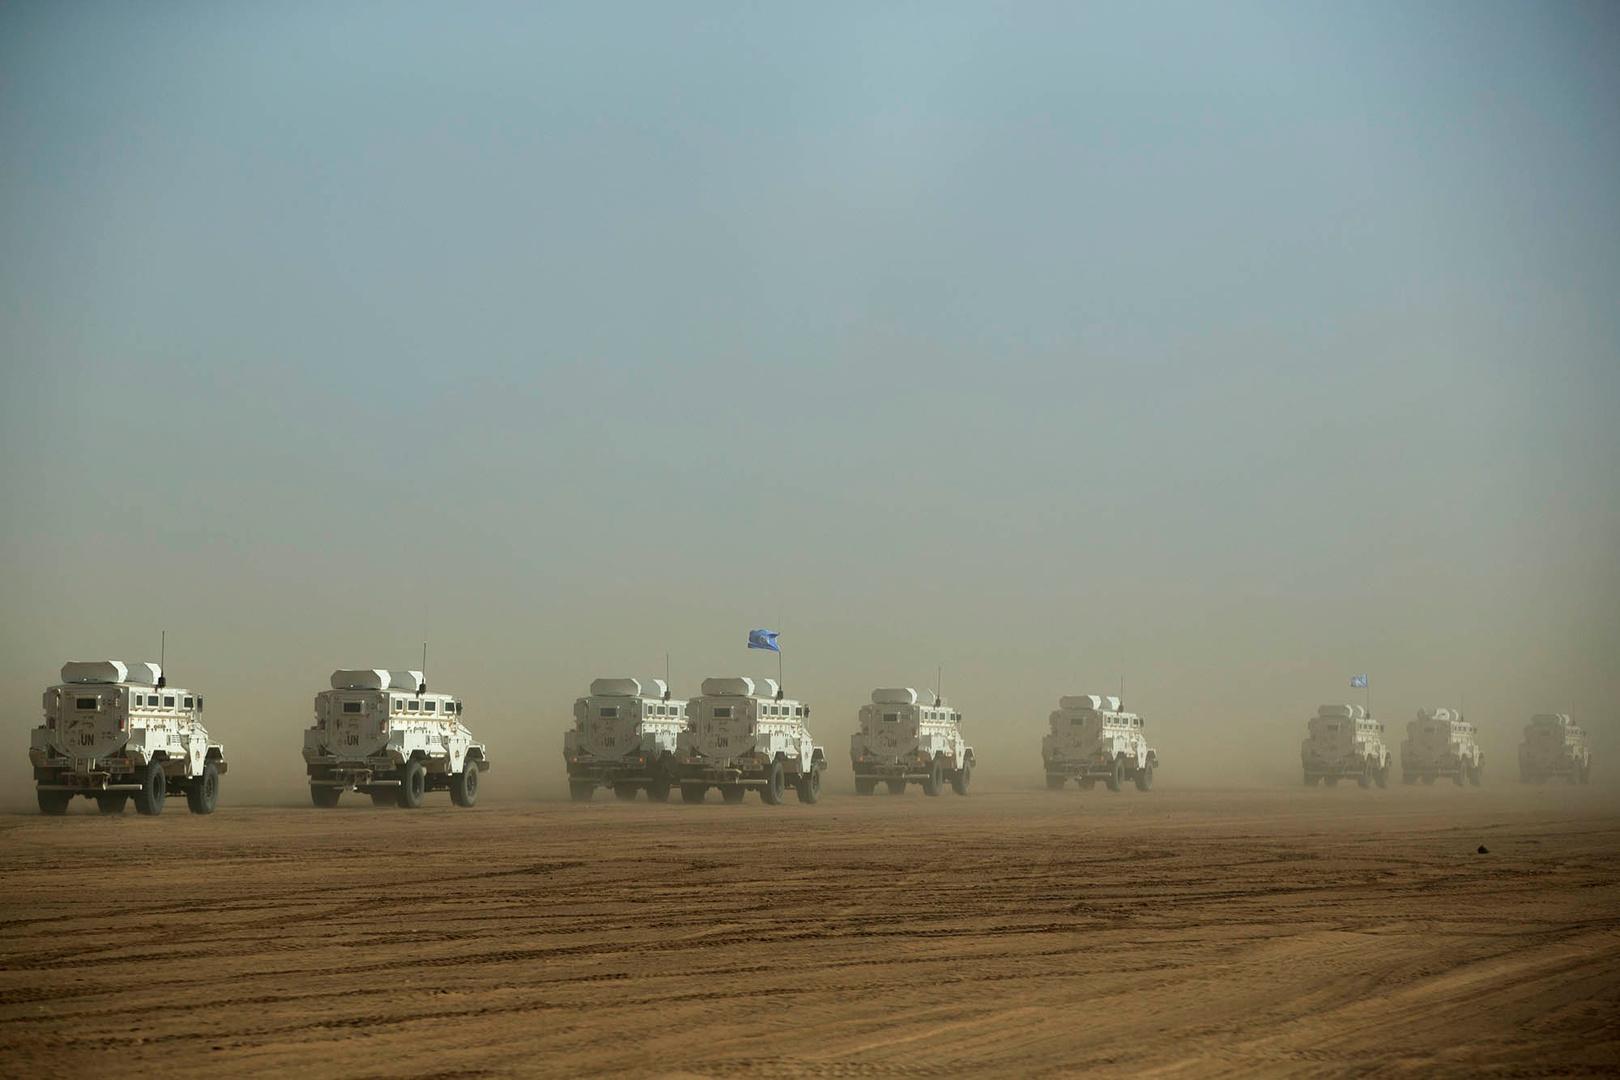 مقتل 3 من قوات حفظ السلام الأممية في مالي